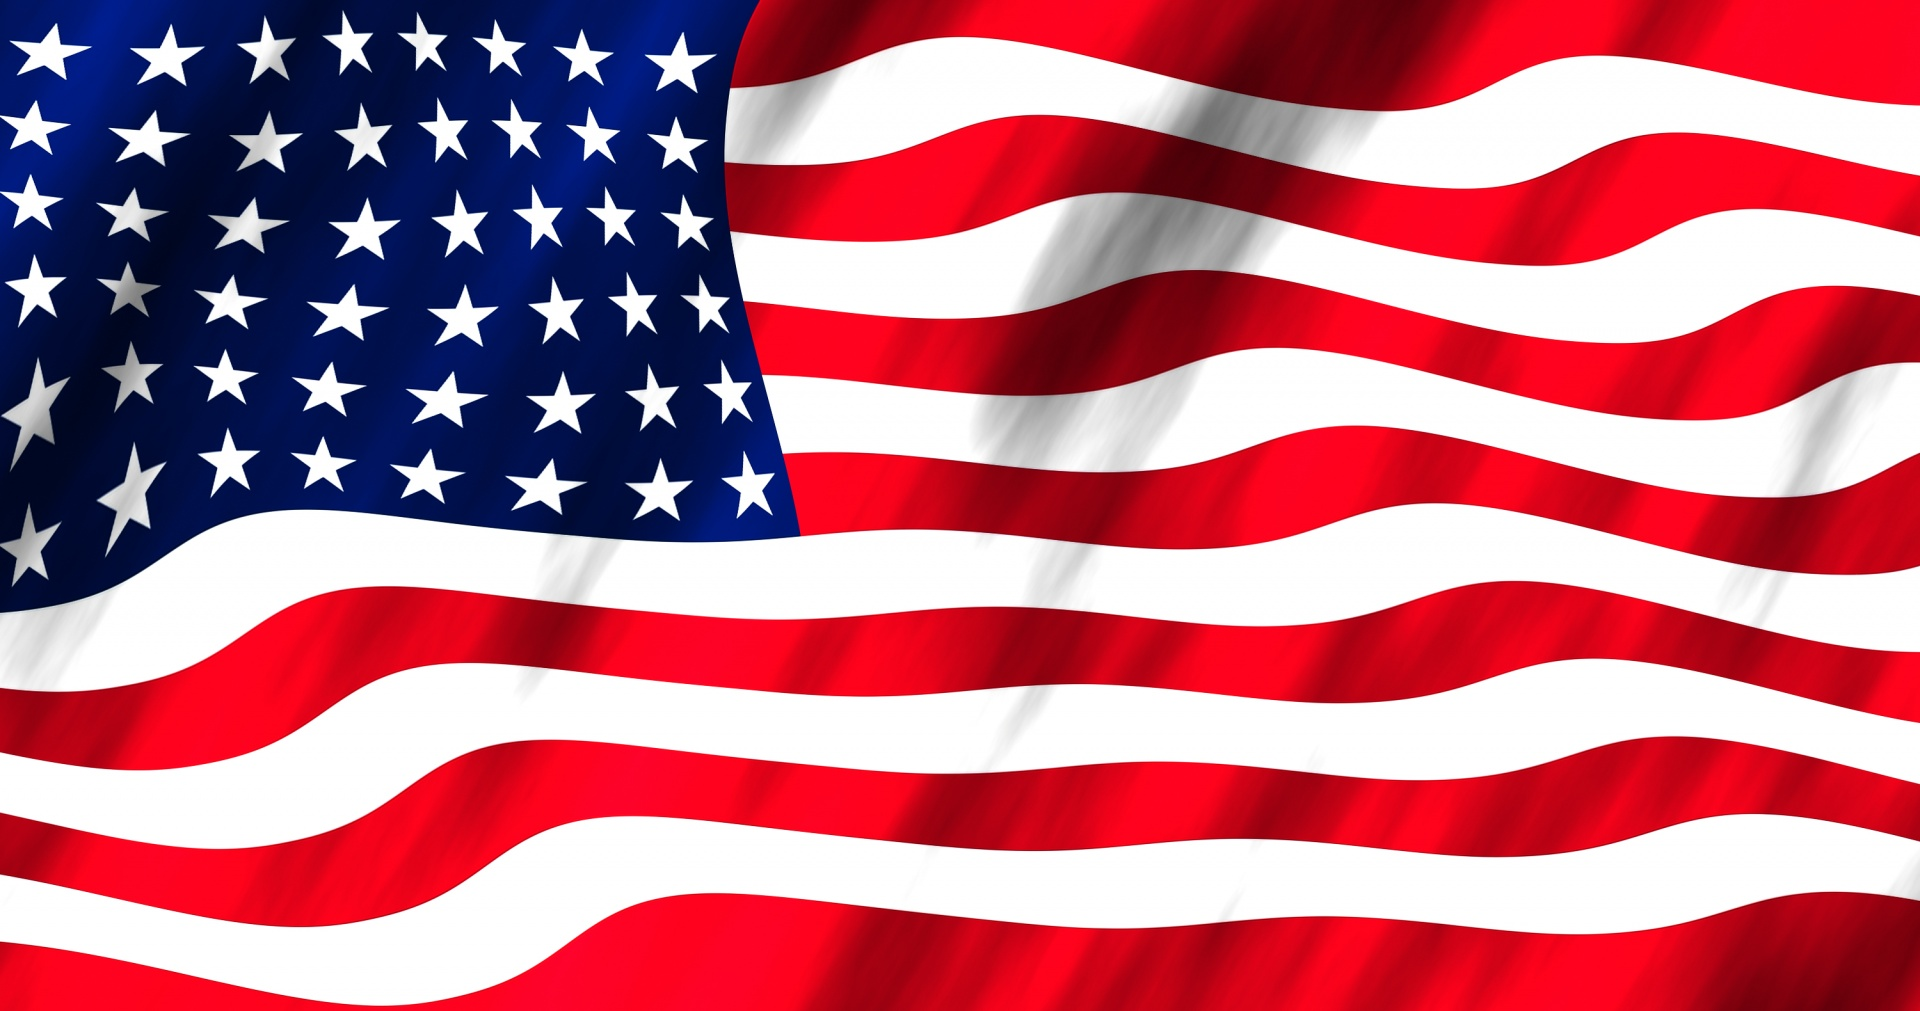 4th of July Veterans Appreciation